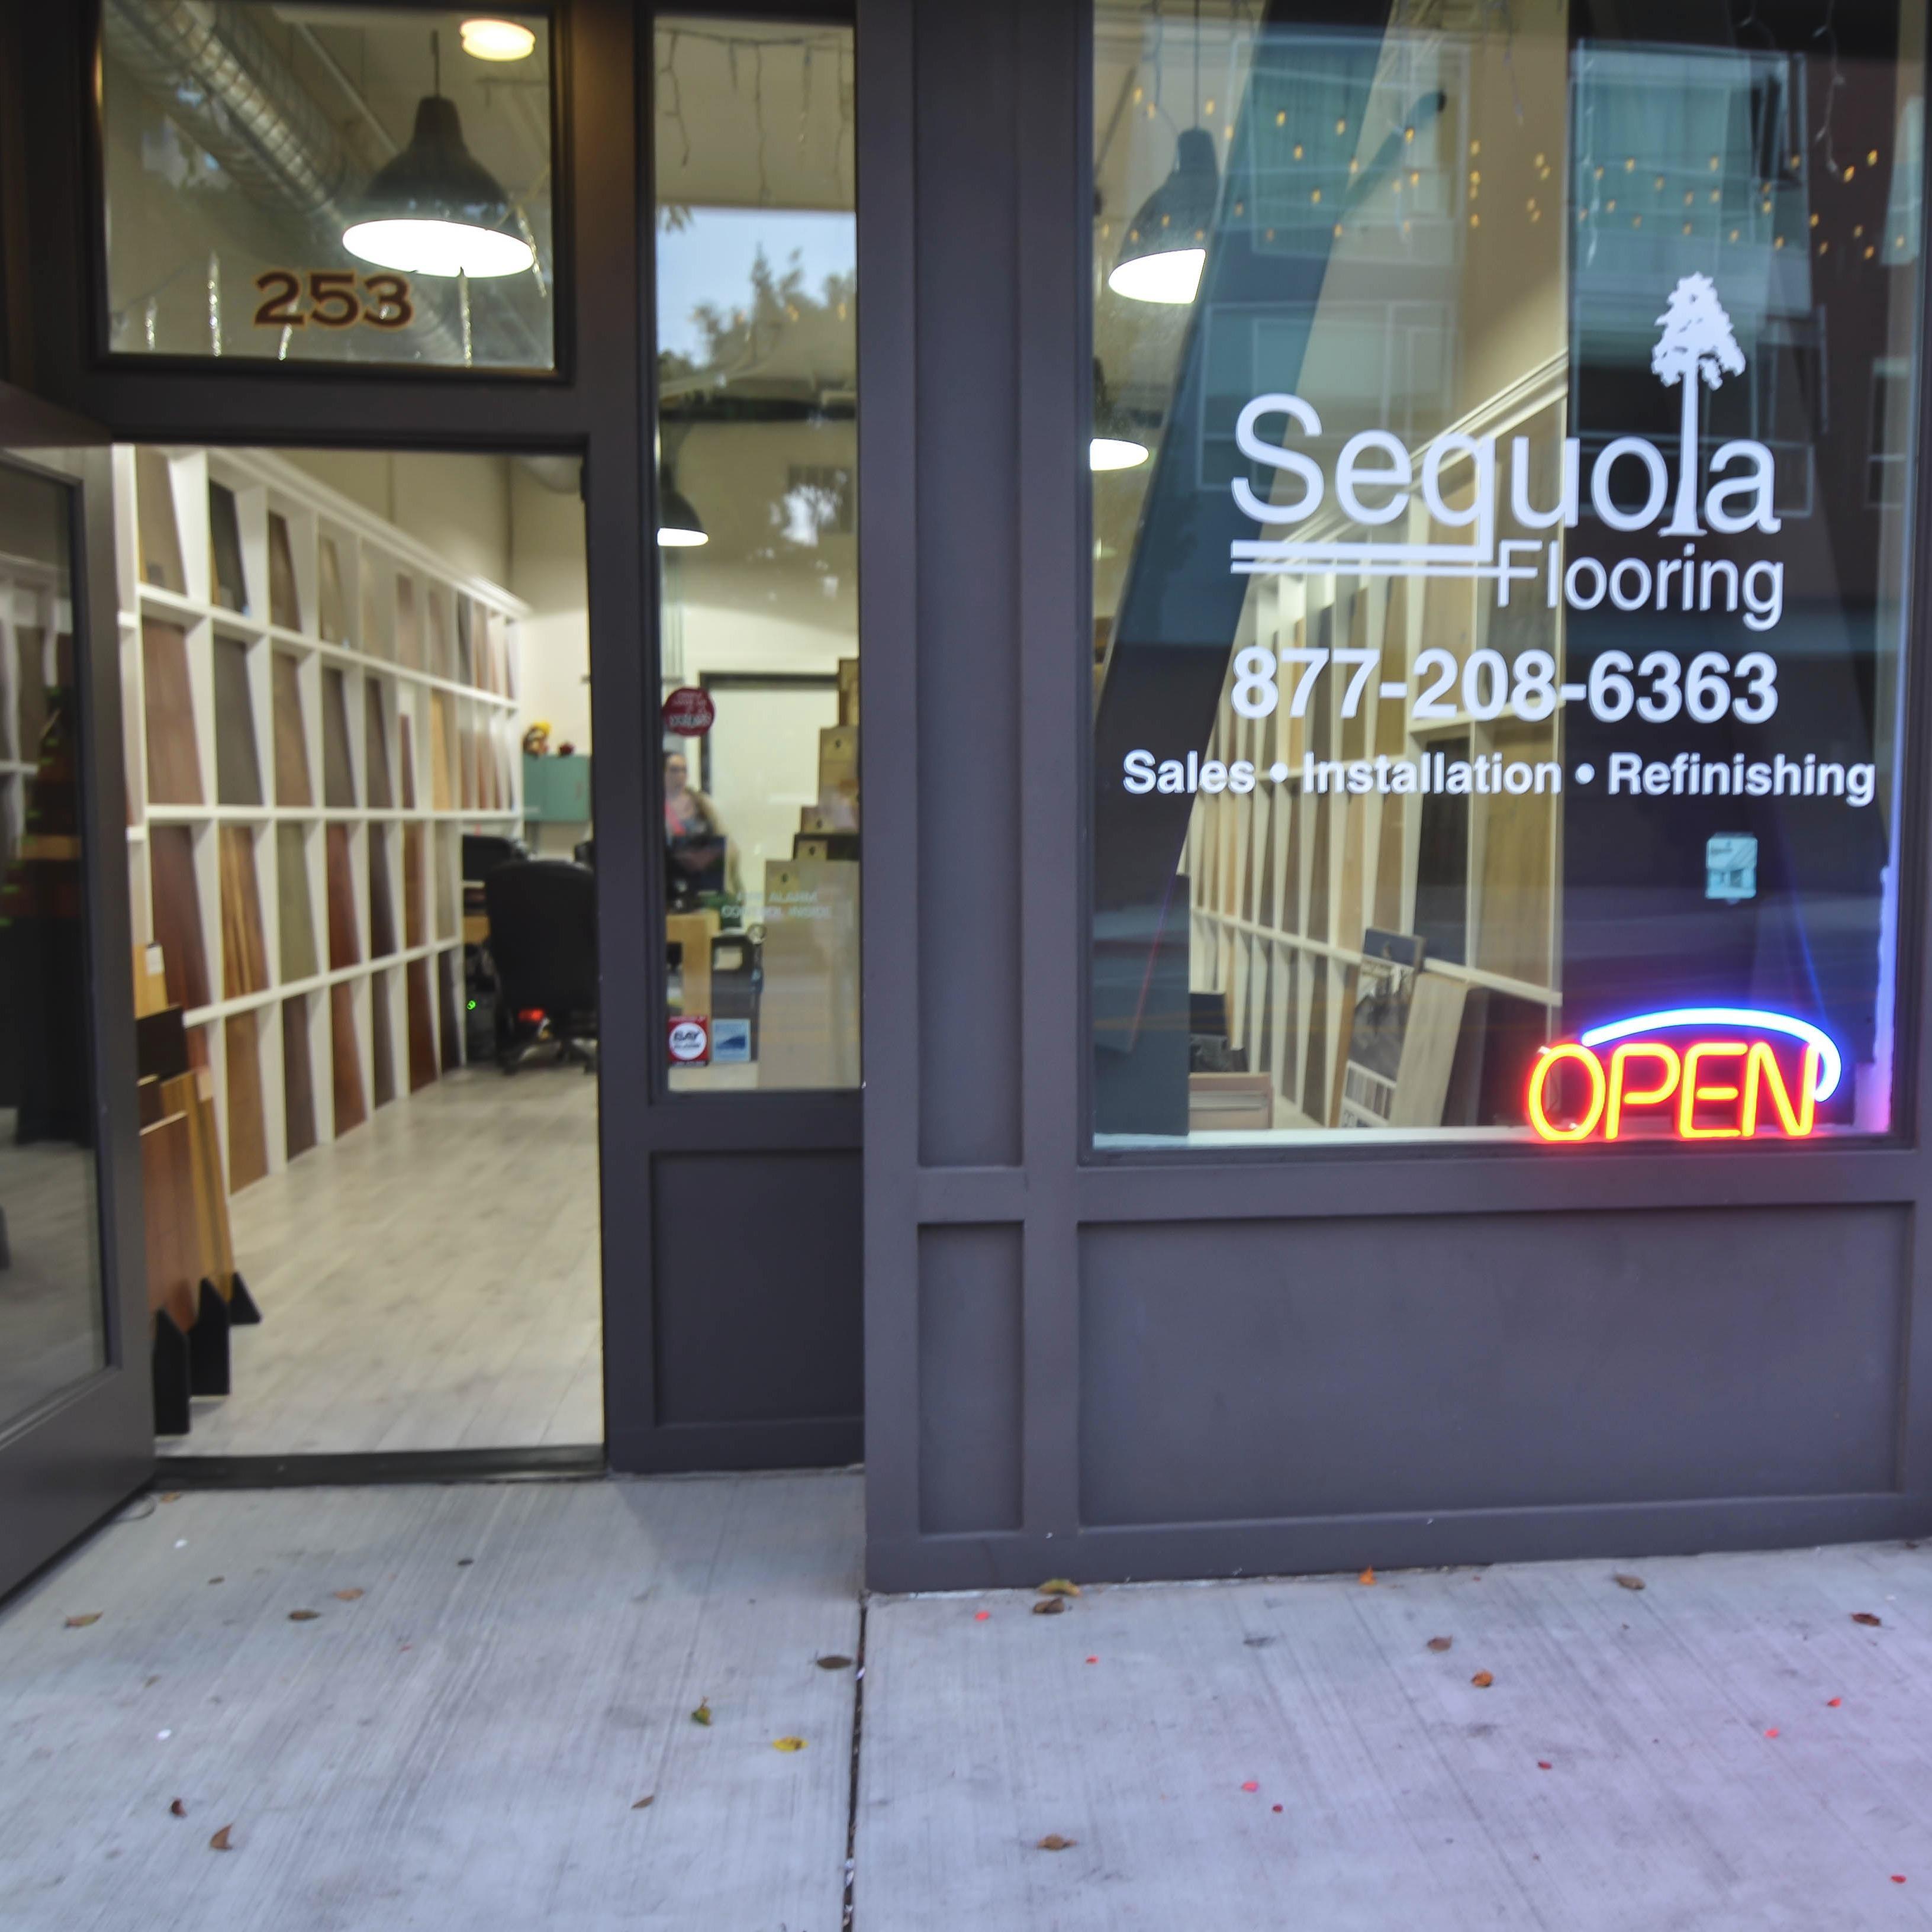 Sequoia flooring coupons near me in van nuys 8coupons for Flooring stores near me